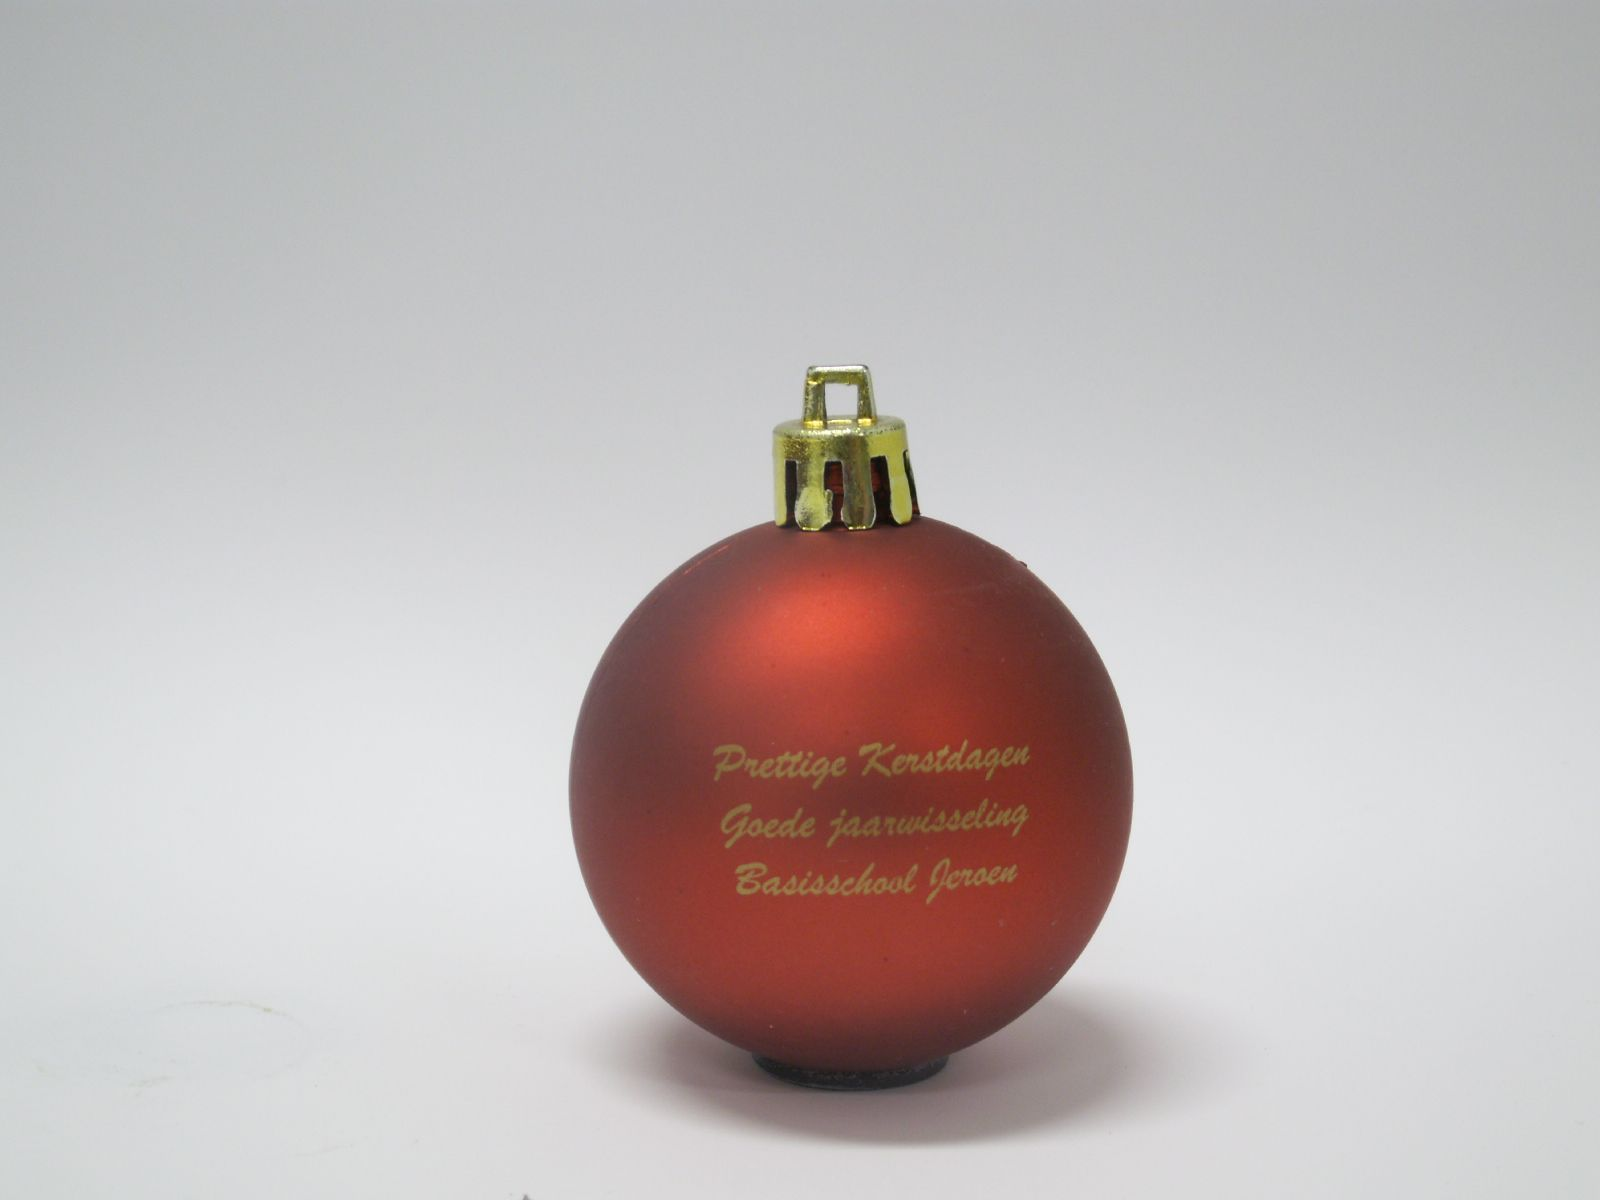 Kerstbal bedrukt met kerstwens Basisschool Jeroen 1 kleur, tampondruk